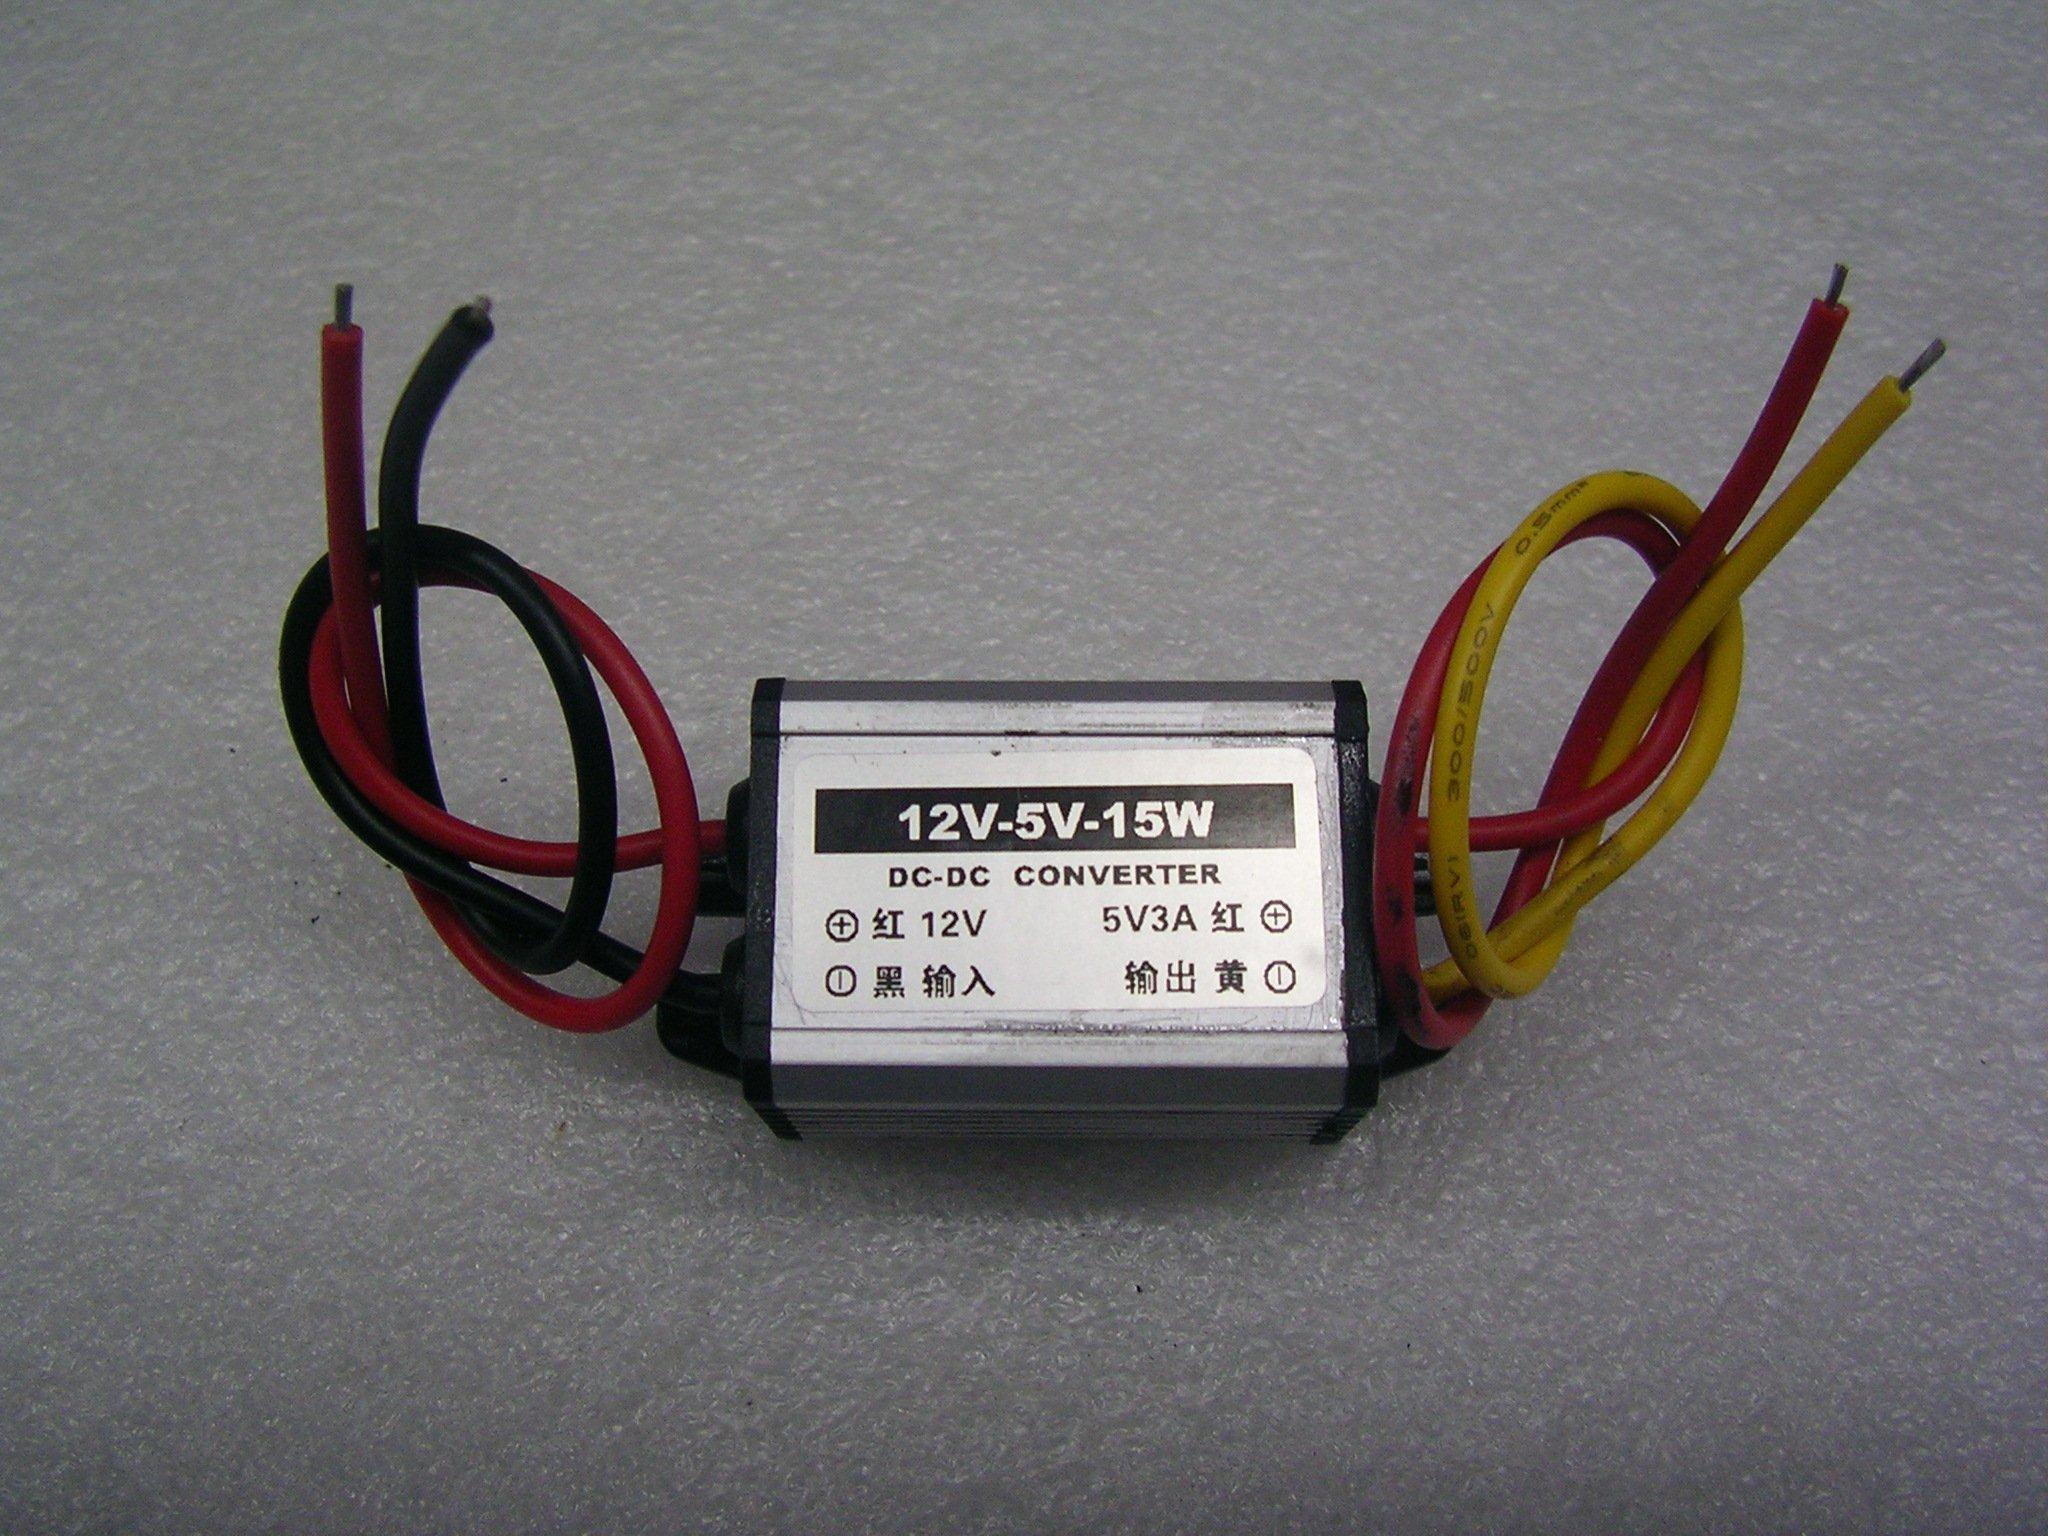 【大台北液晶維修】電源降壓模組  直流8V~20V轉5V 汽車 機車 3C